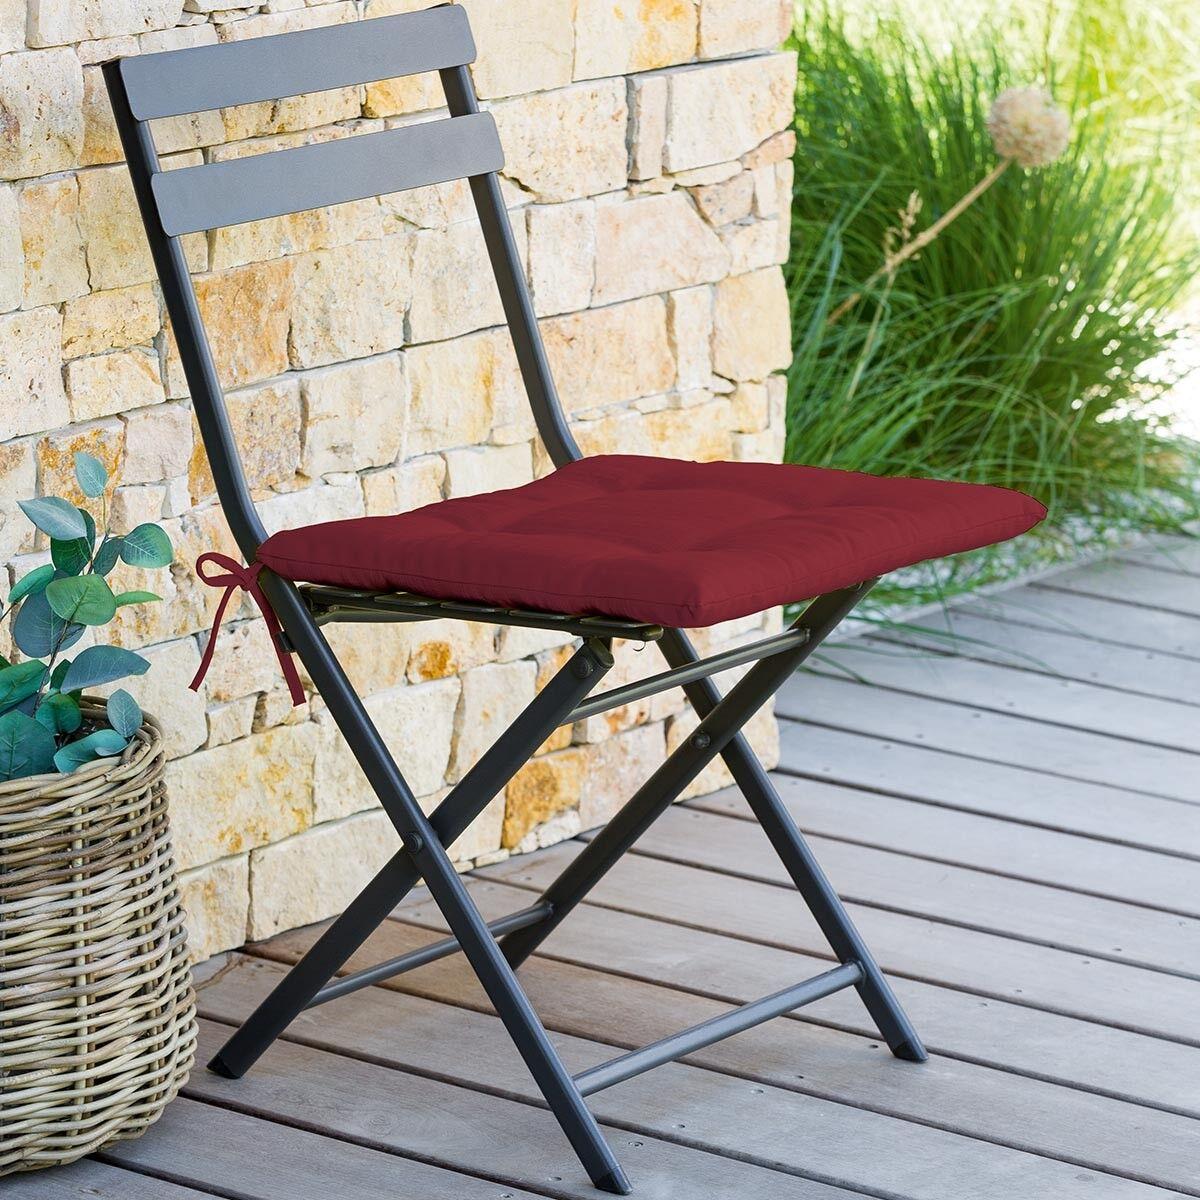 Hespéride Galette de chaise carrée 4 points Bordeaux Jardin